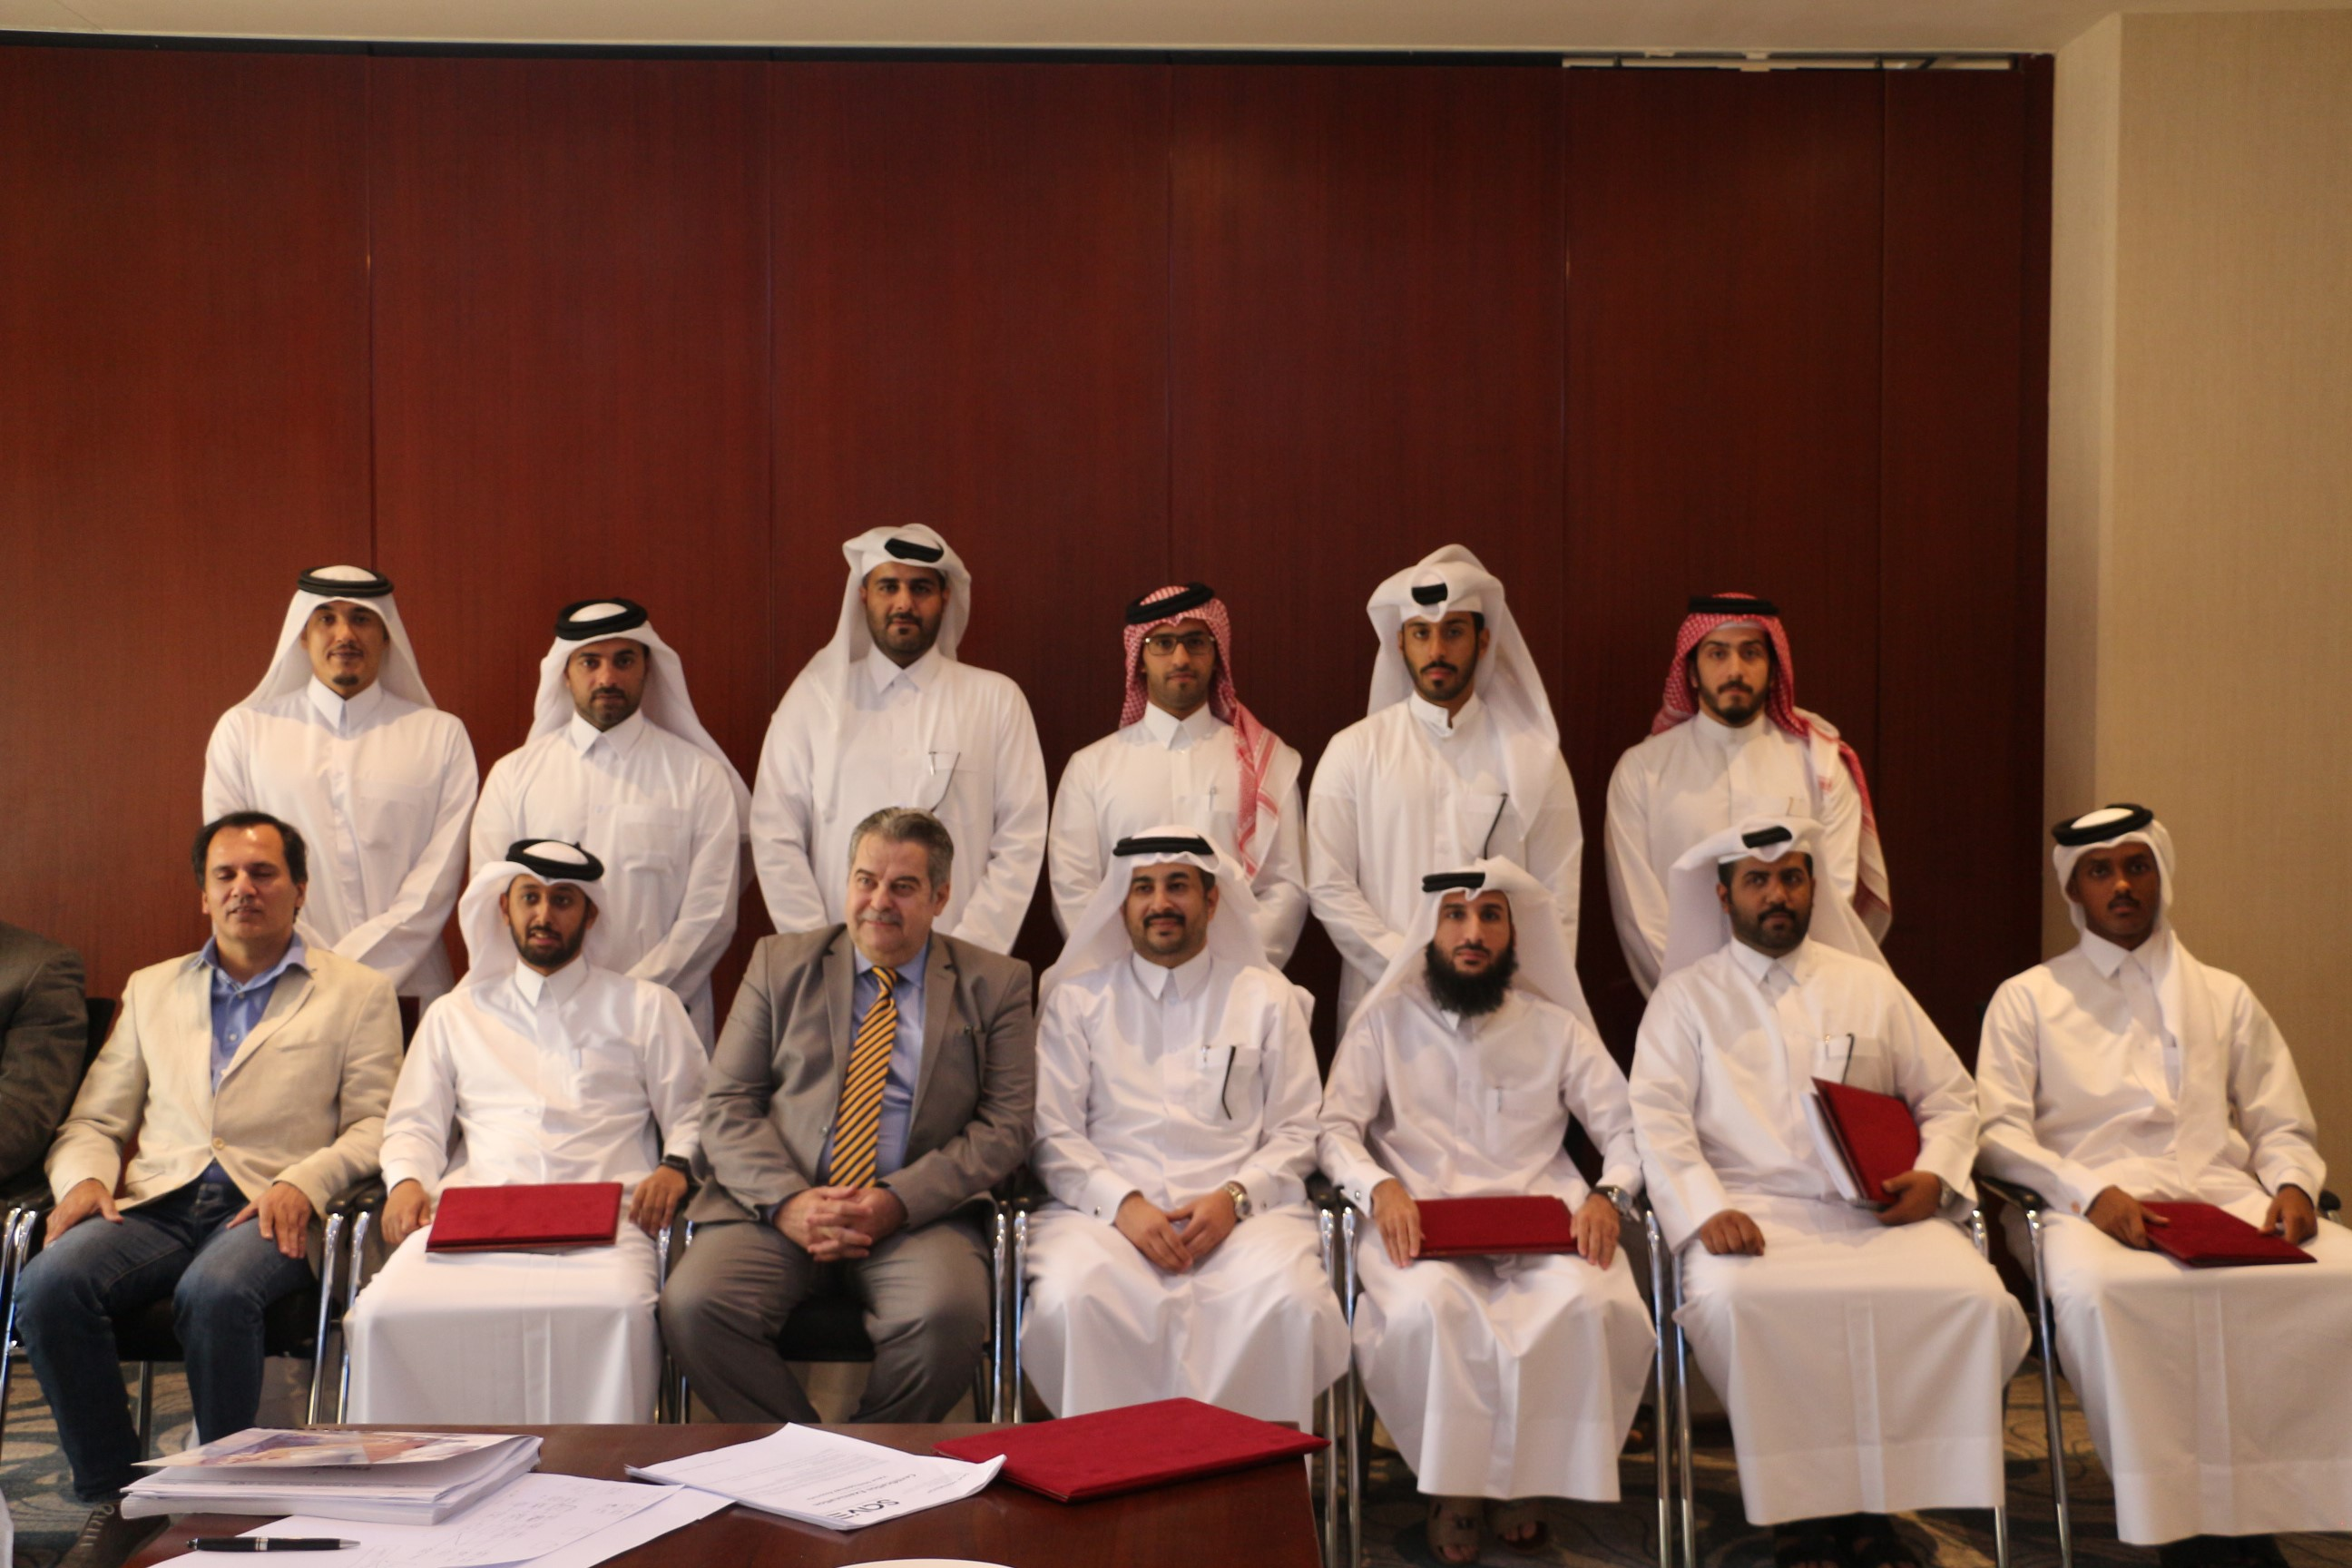 """جمعية المهندسين القطرية تطلق دورة جديدة بعنوان """"الهندسة القيمية"""""""